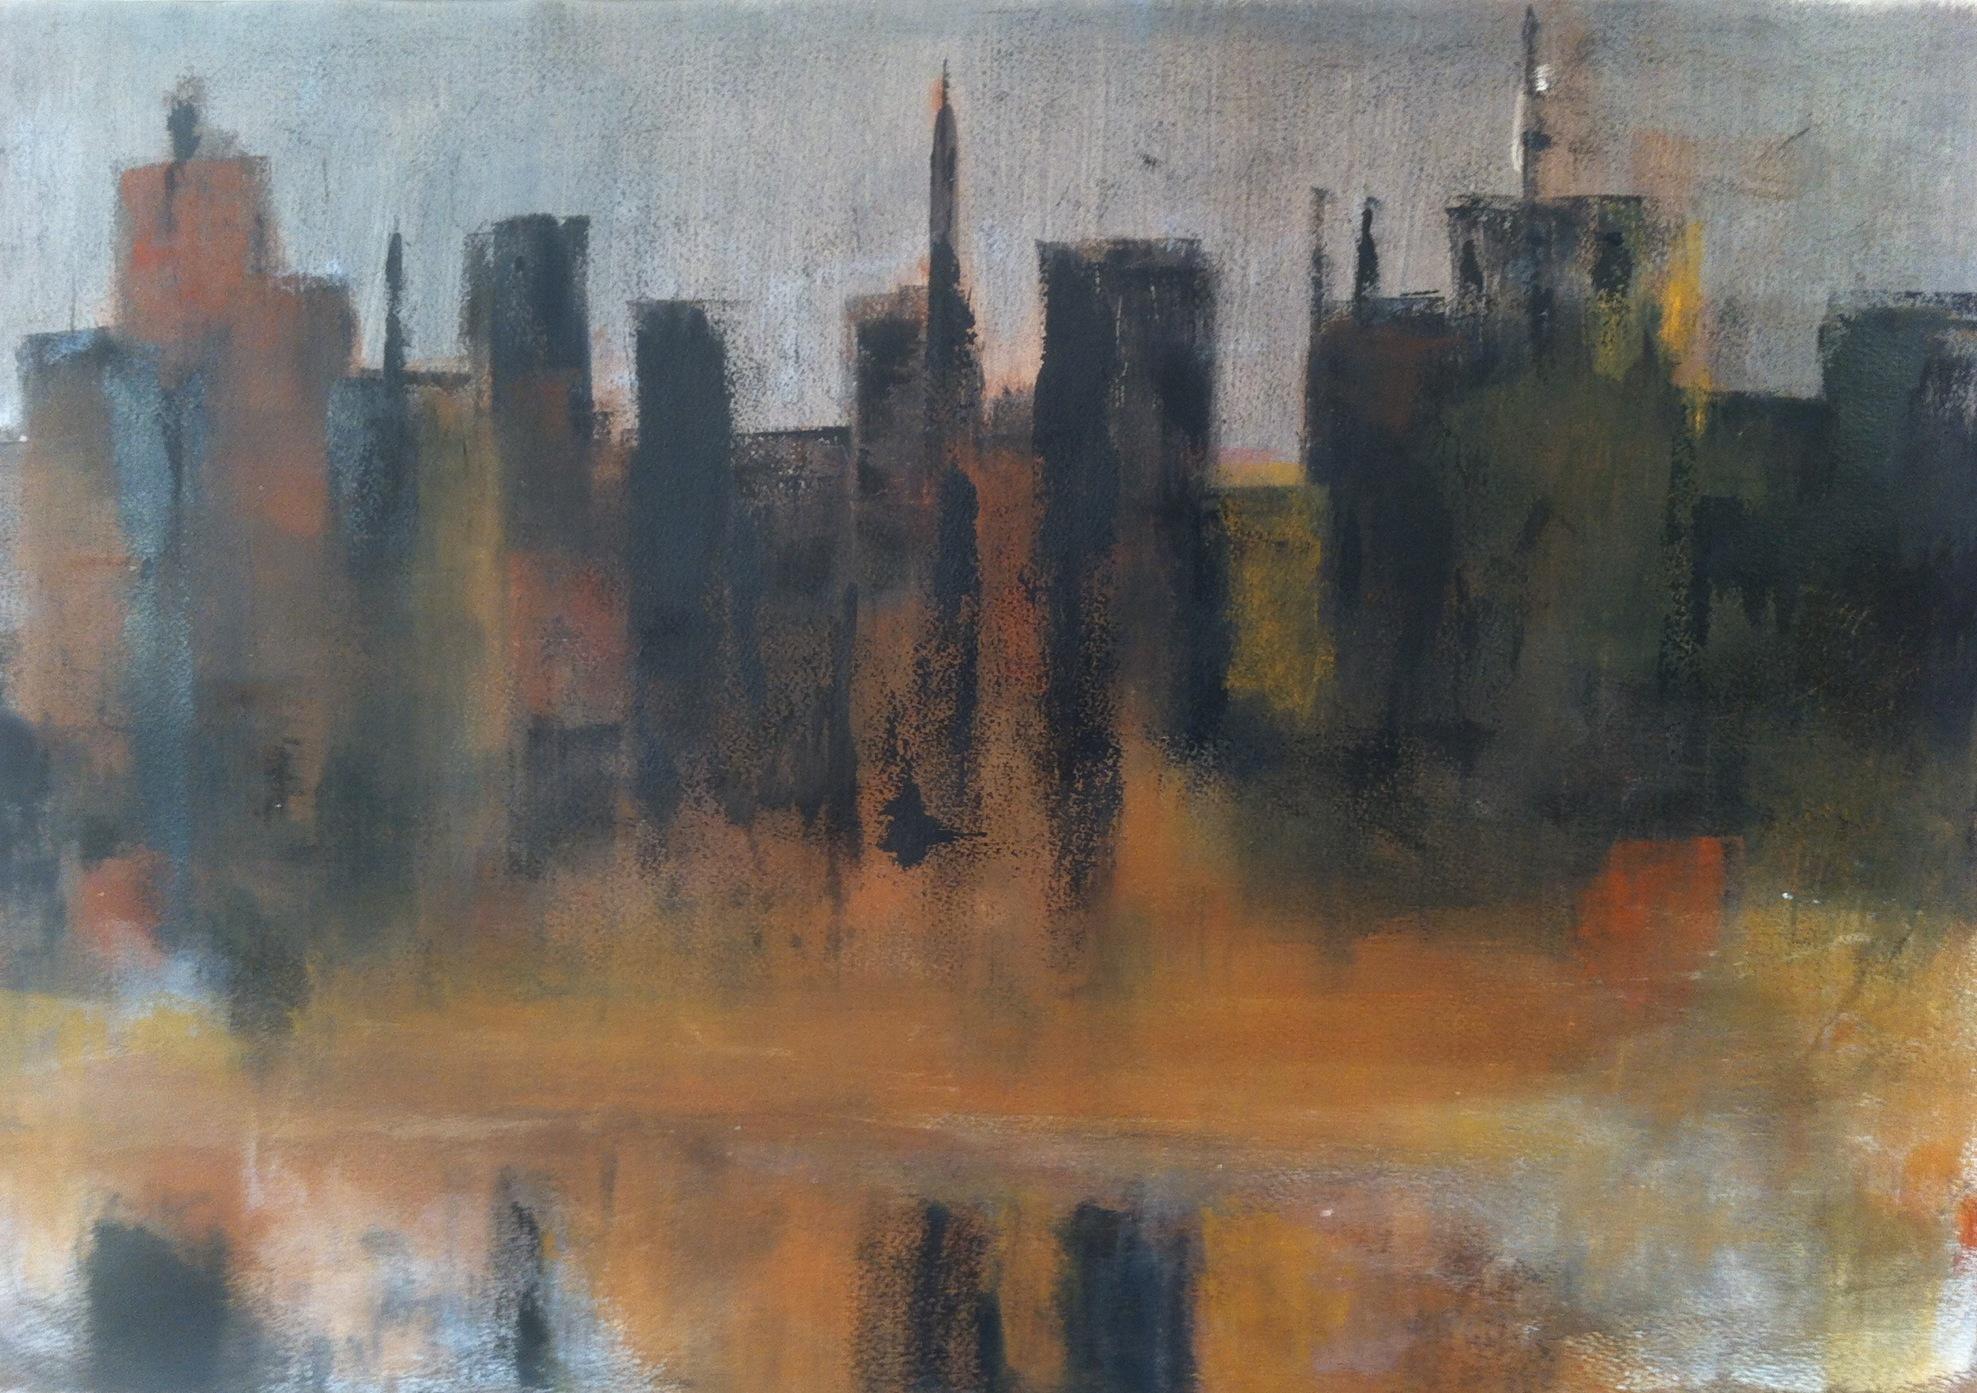 N°826 - Central Park - Acrylique sur papier - 43 x 64,5 cm - 20 novembre 2013